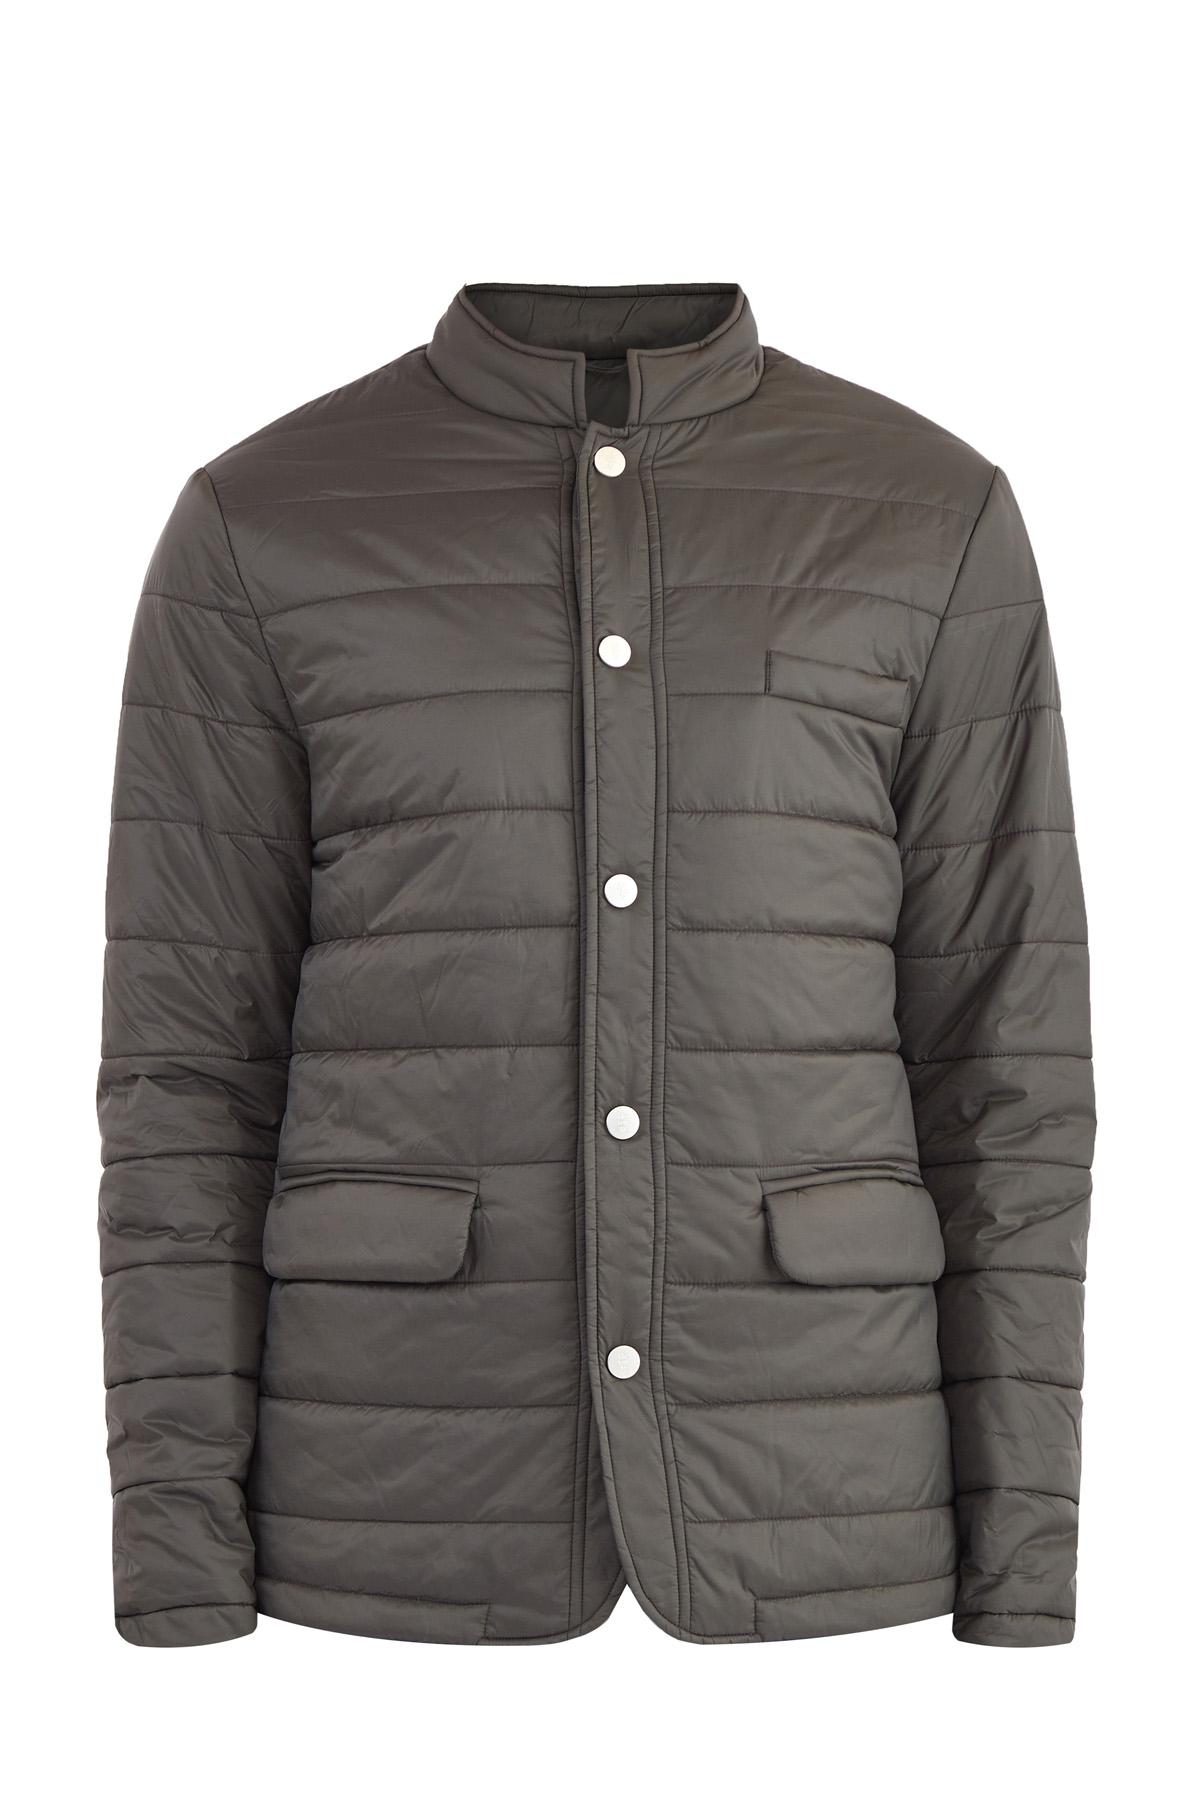 Влагостойкая куртка пиджачного кроя фото